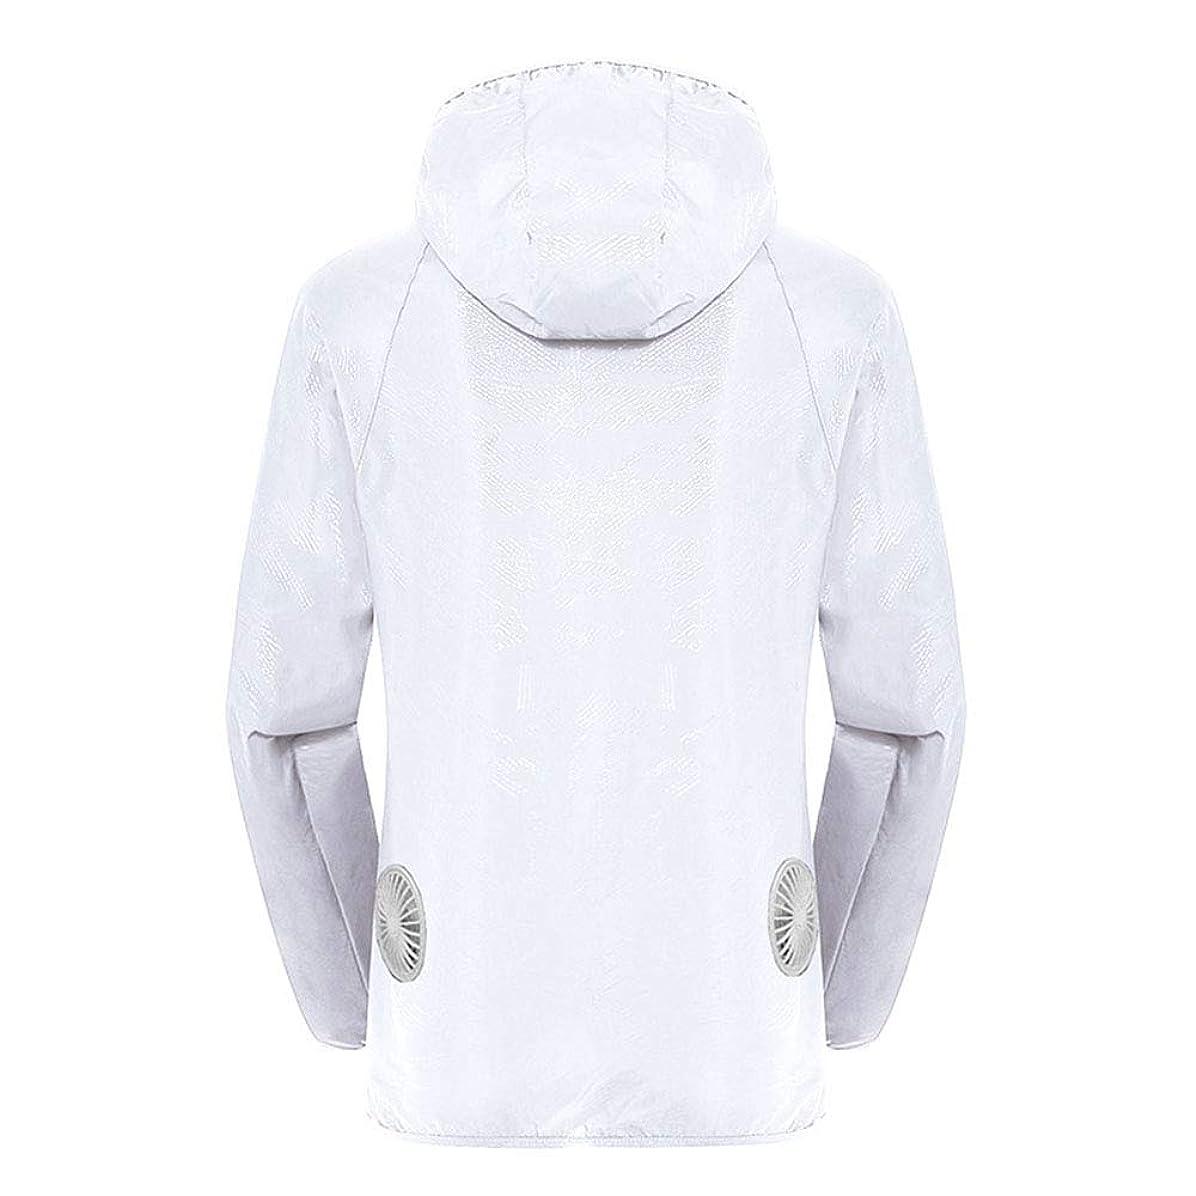 遺伝子クライマックスためらう夏のスマート3ギアエアコンジャケット日焼け防止服釣りスーツ水しぶき防止服をクールダウン(宝物なしで充電),White,L